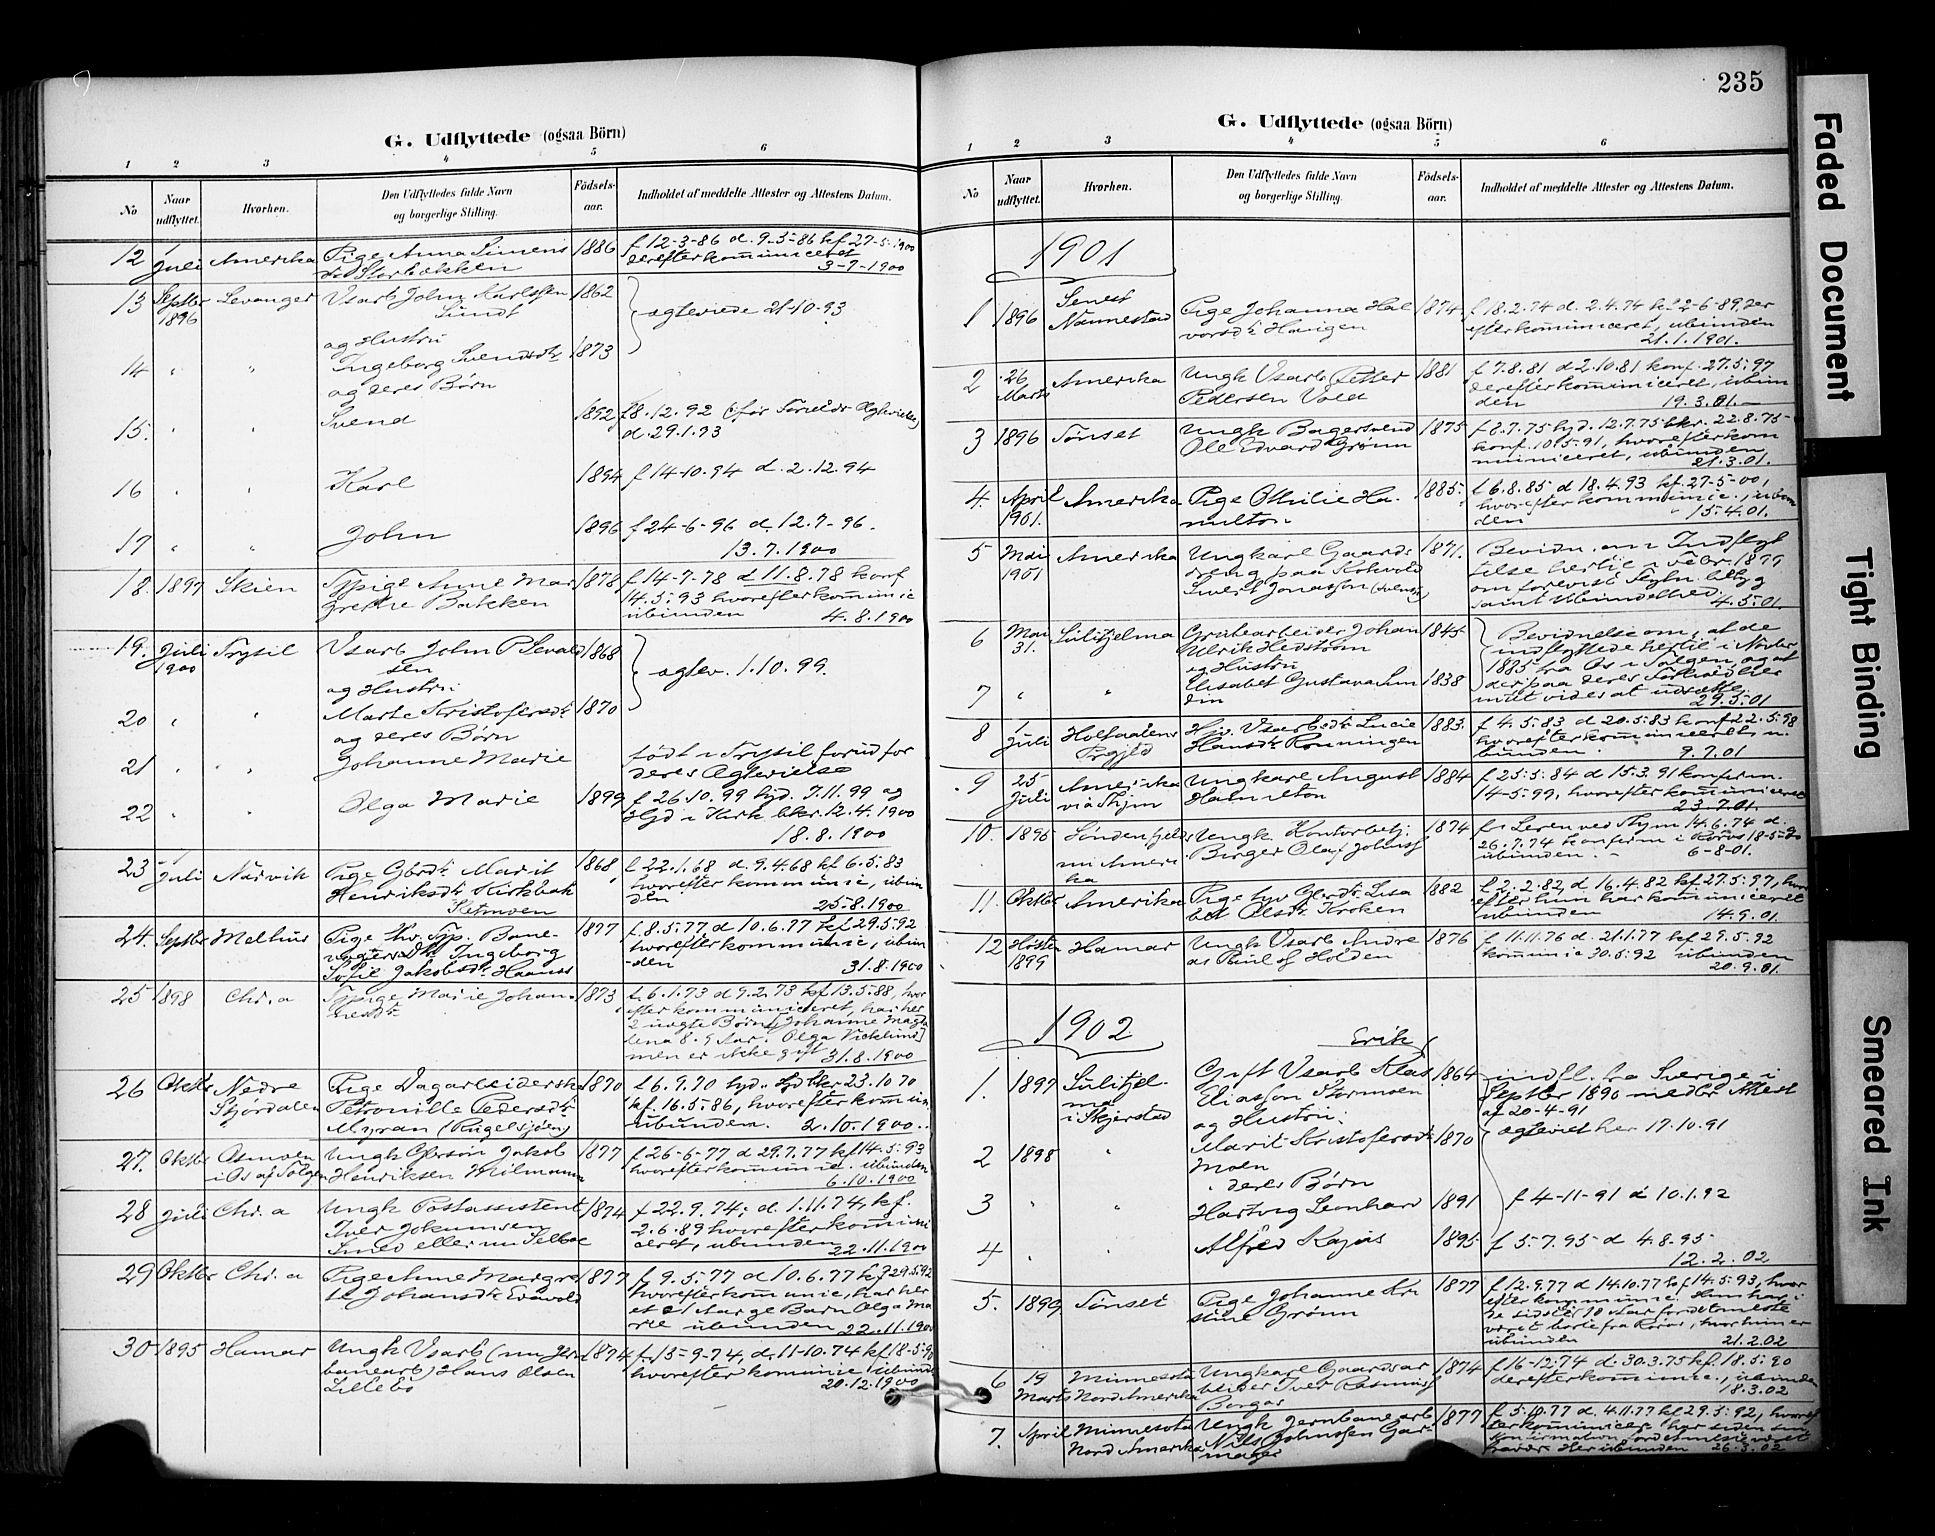 SAT, Ministerialprotokoller, klokkerbøker og fødselsregistre - Sør-Trøndelag, 681/L0936: Ministerialbok nr. 681A14, 1899-1908, s. 235